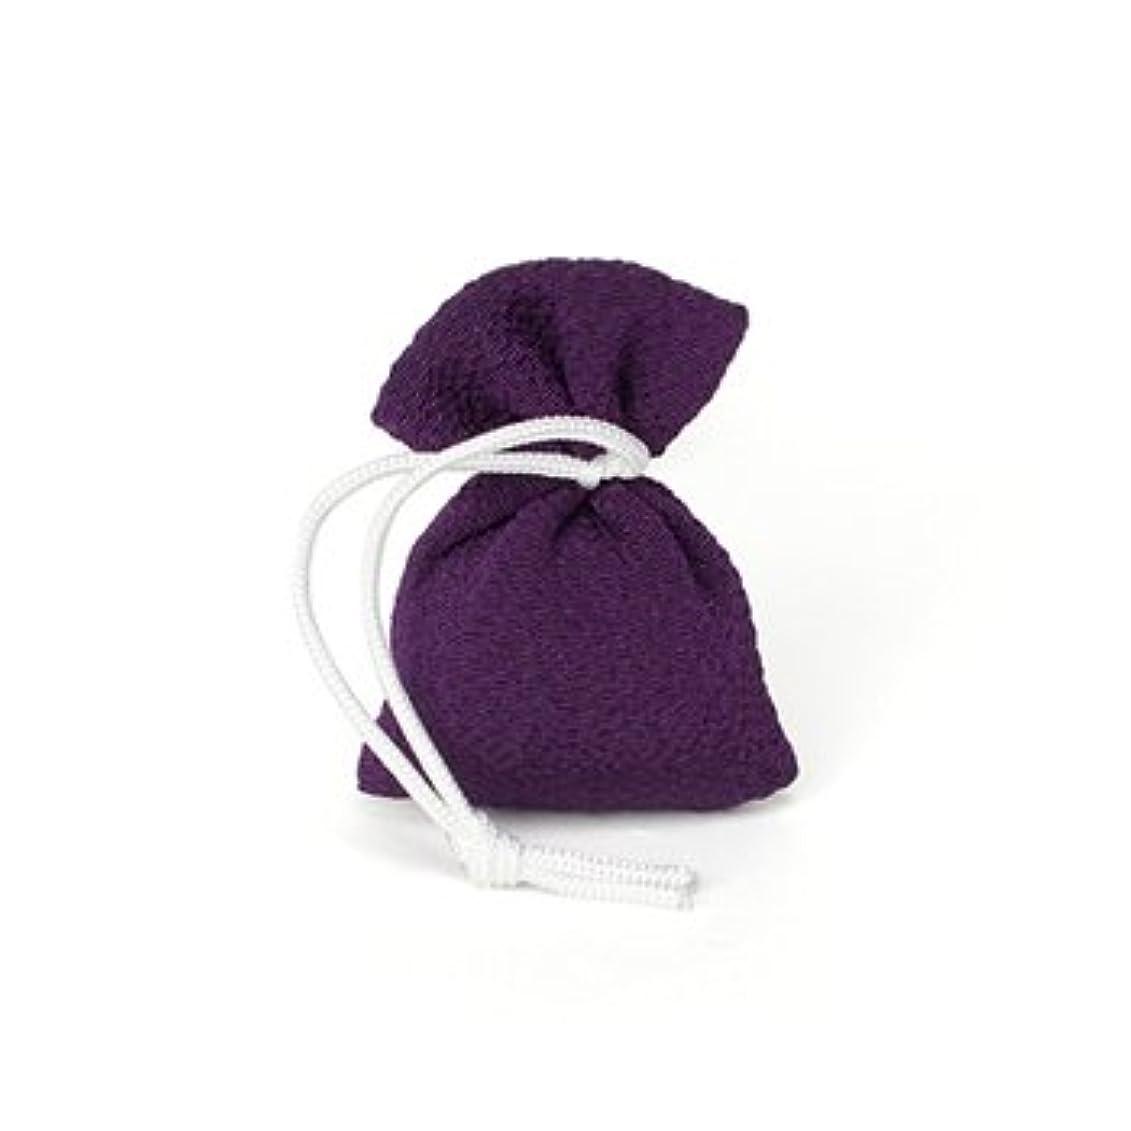 助けてエスカレート回転させる松栄堂 匂い袋 誰が袖 携帯用 1個入 ケースなし (色をお選びください) (古代紫)